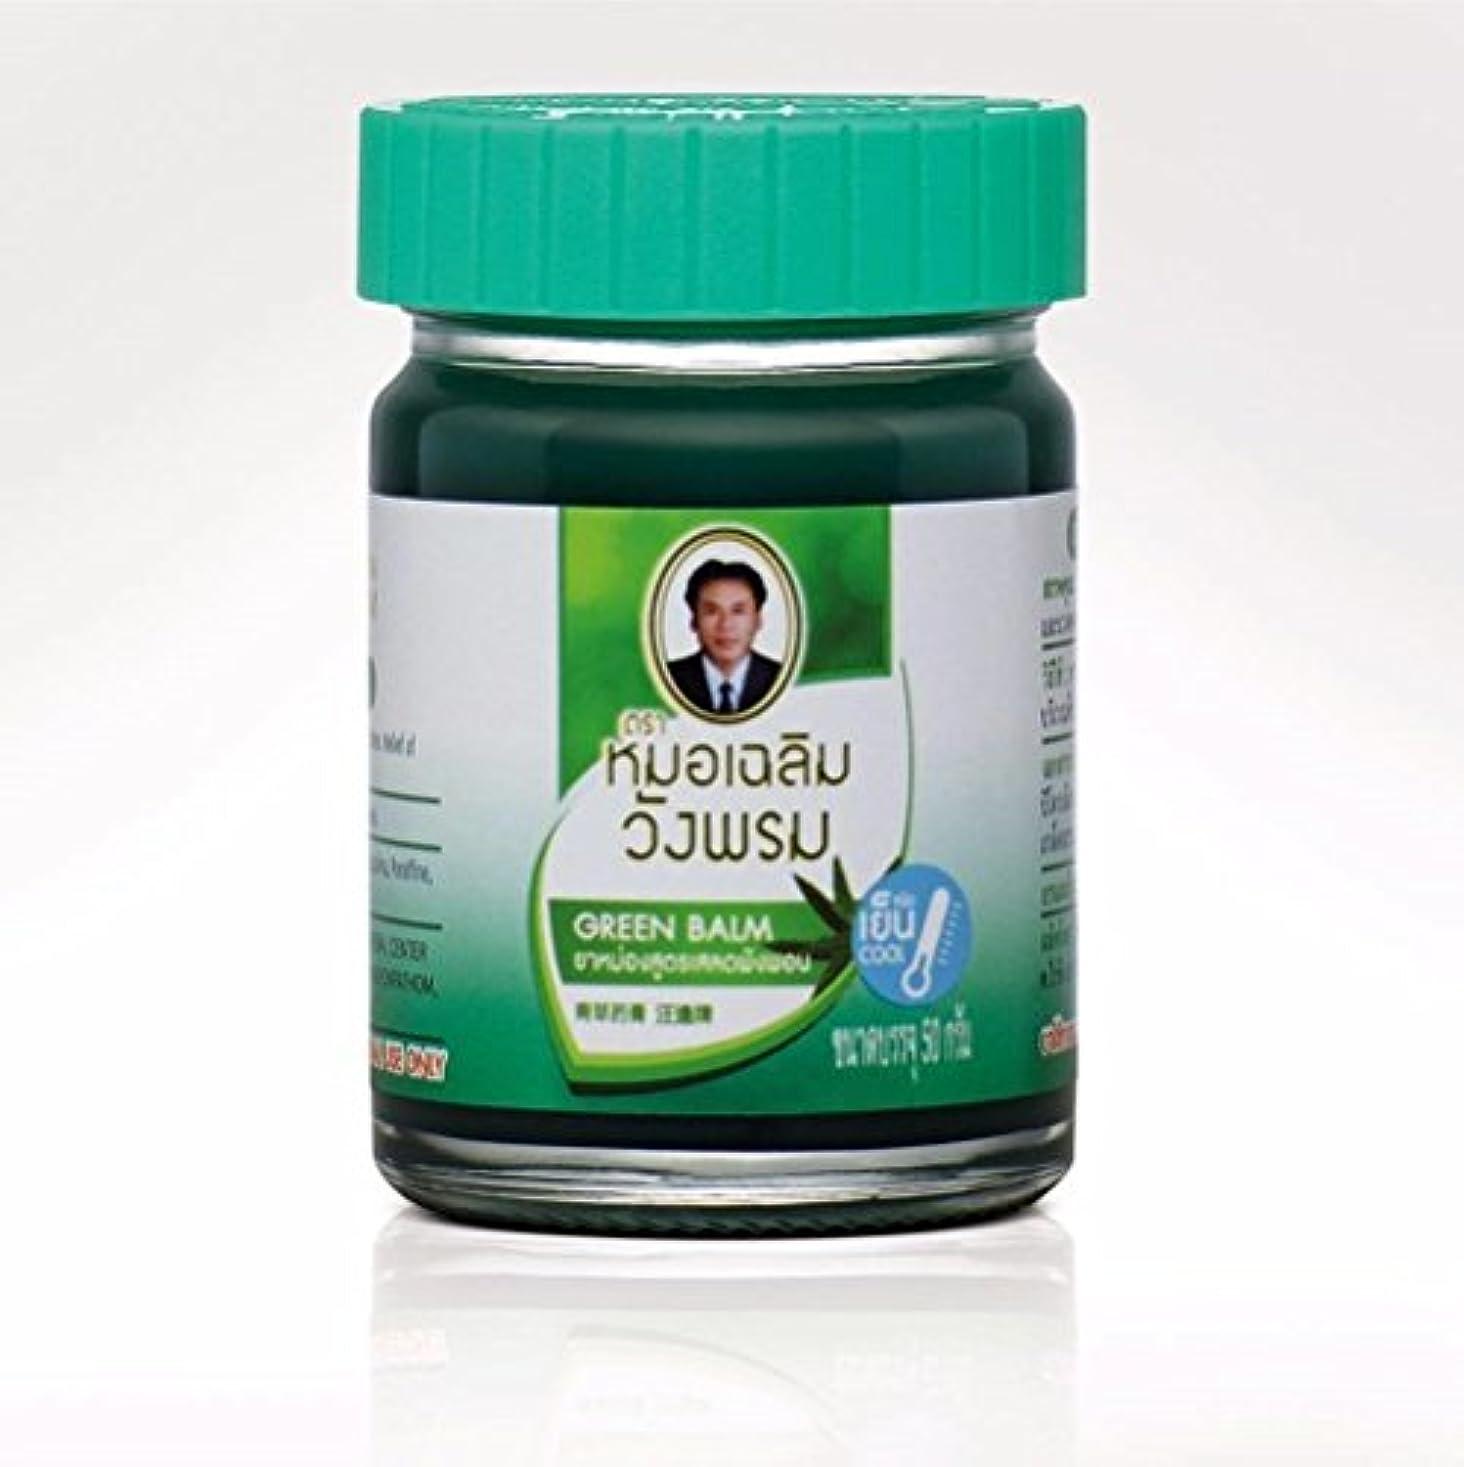 信頼できる原理困難50G.Wangphrom Thai Herbal Balm Massage Body Relief Muscle Pain,Thai Herb Green Balm (COOL) size 50 gram..(2 pc.)